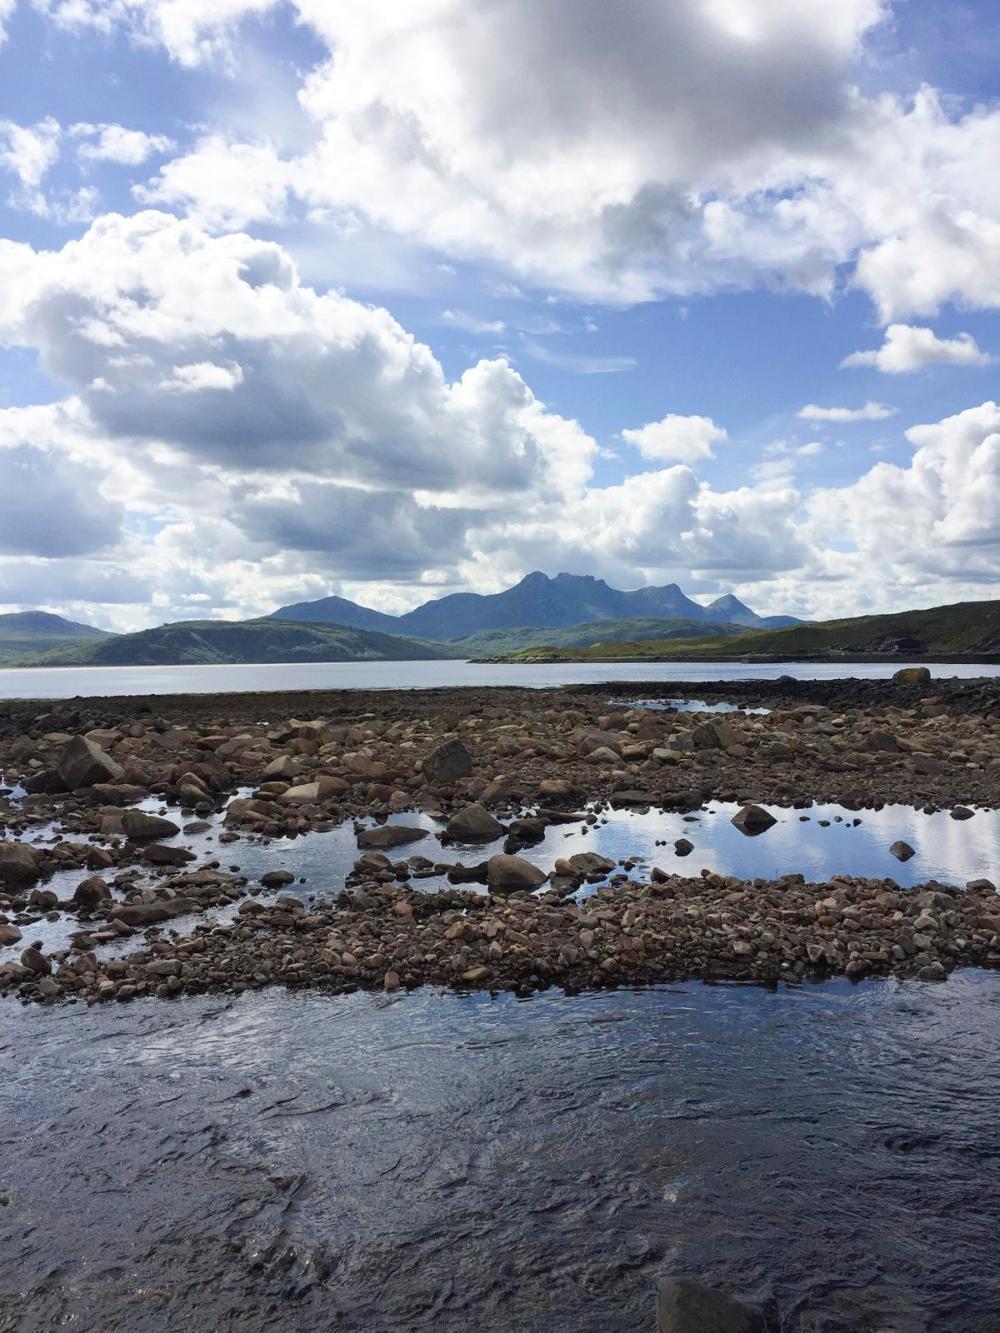 Splodz Blogz | Favourite Photos | Scotland - View of Ben Loyal